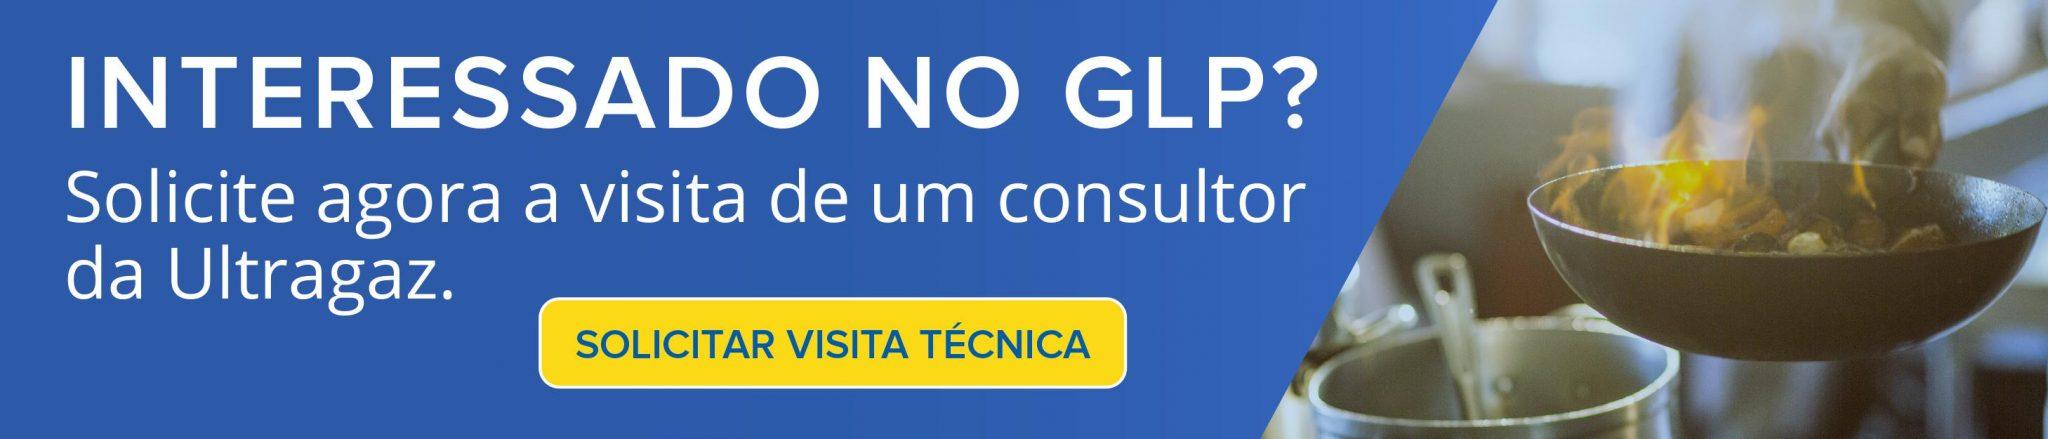 solicite a visita de um consultor GLP para empresas